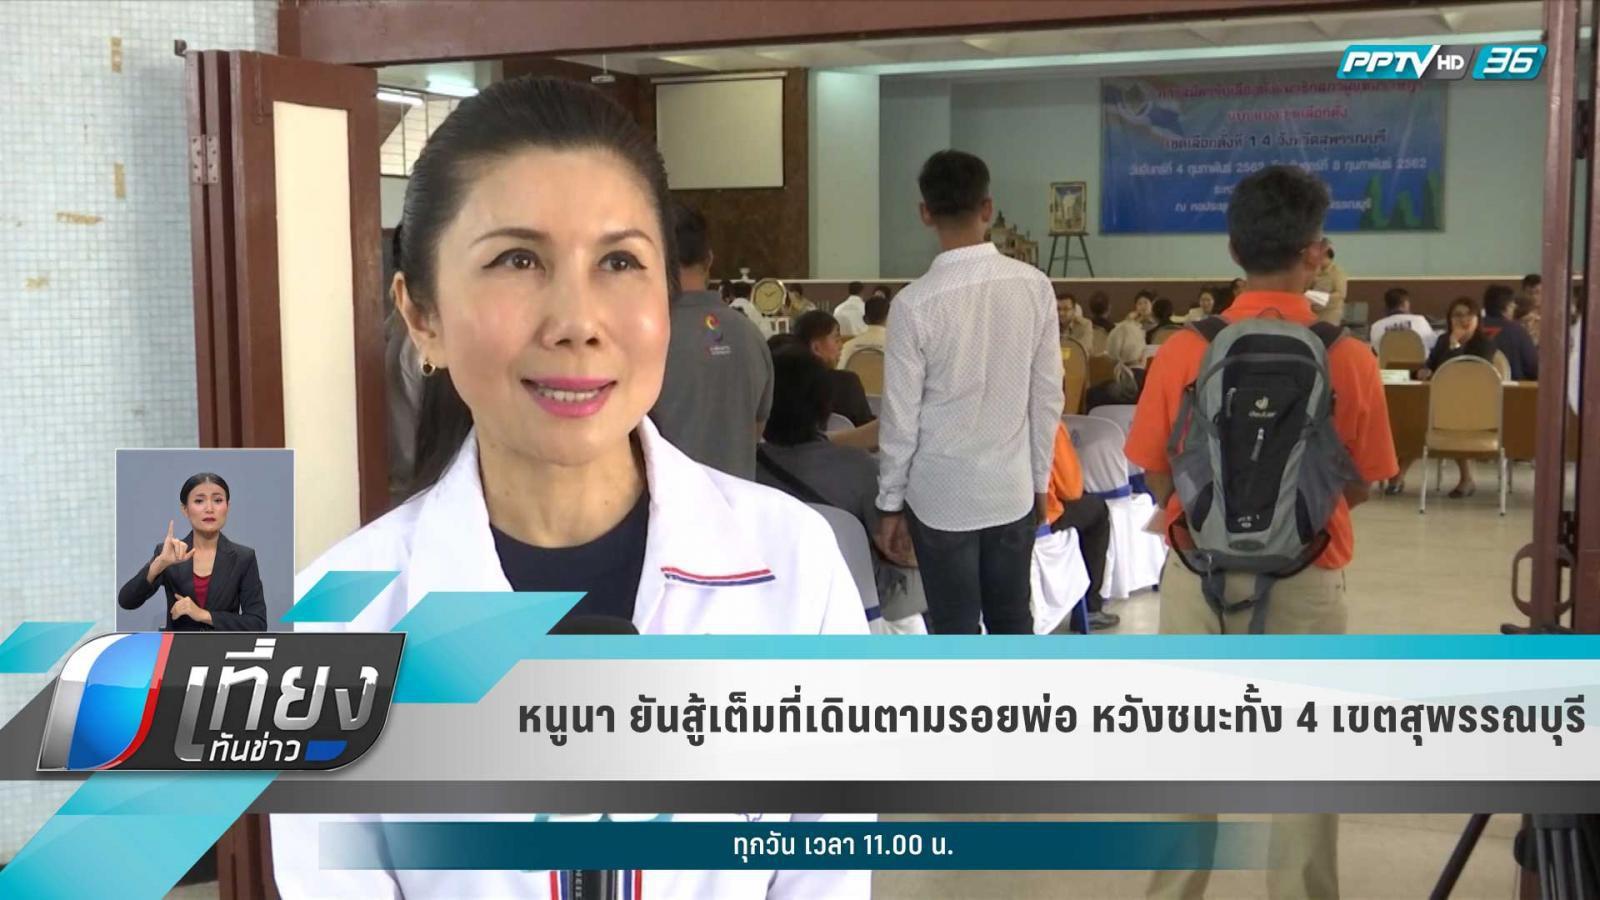 """""""หนูนา"""" หวัง """"ชาติไทยพัฒนา""""  กวาดสุพรรณบุรี ยกจังหวัด"""